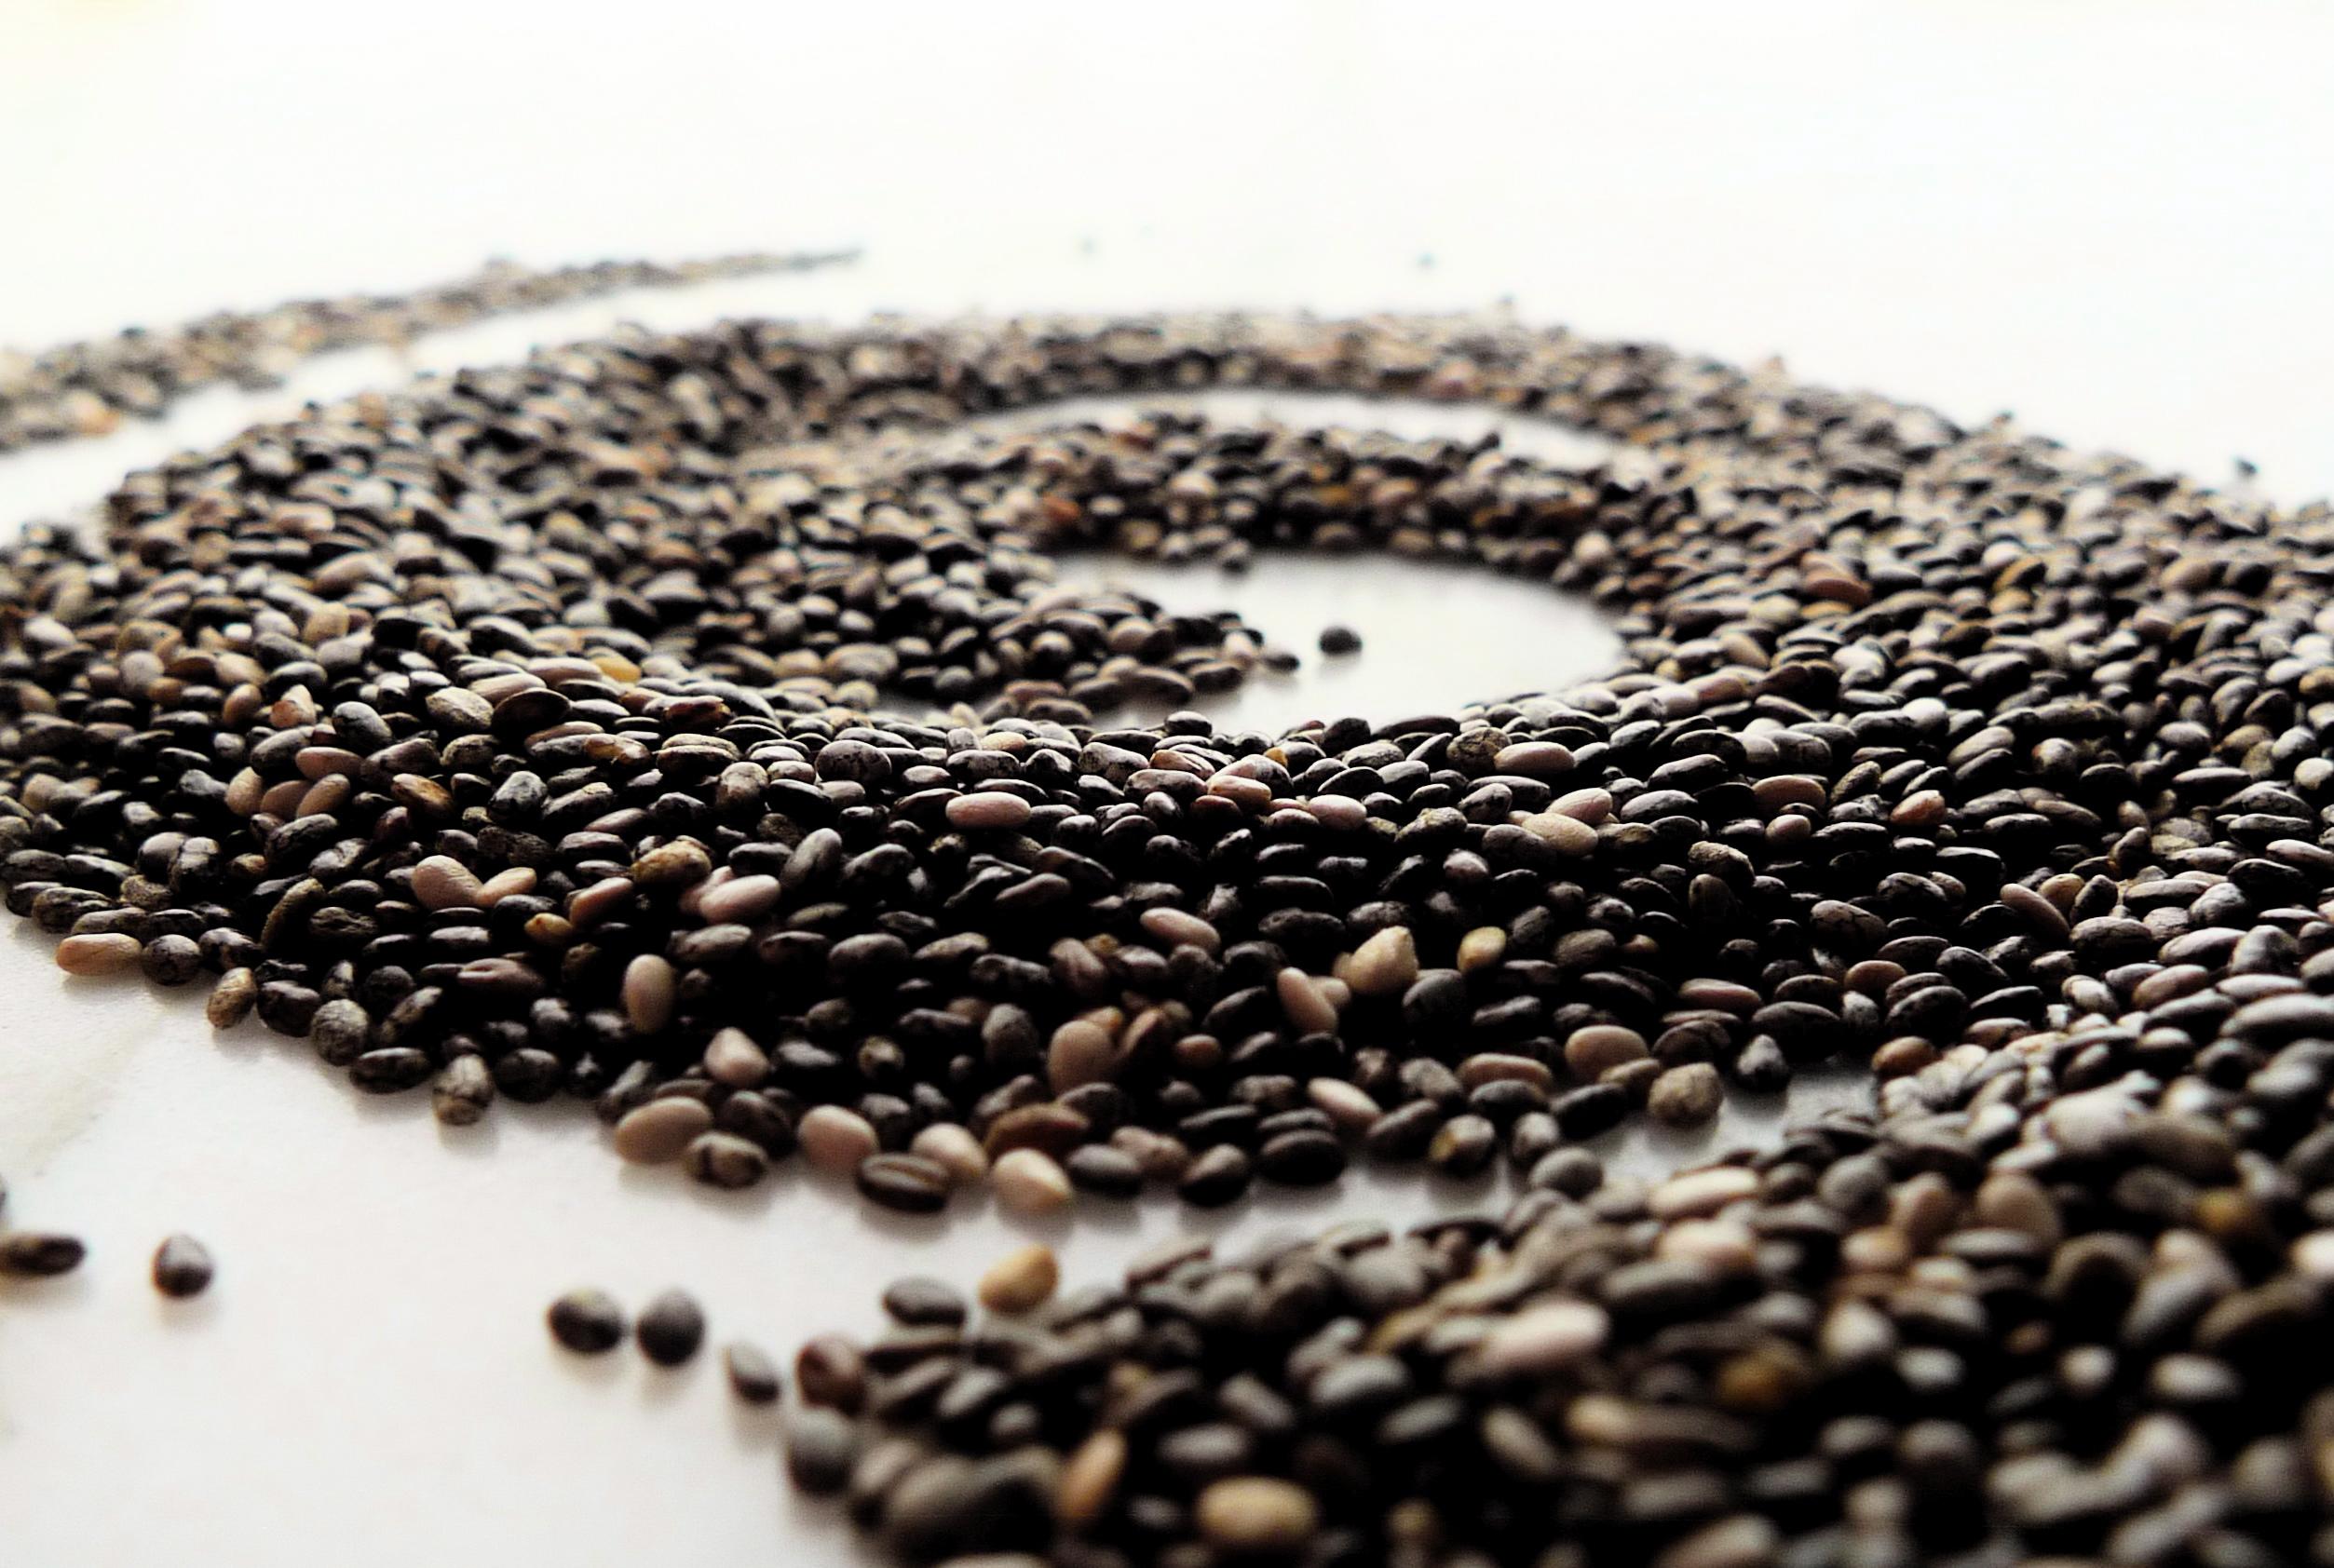 Semintele chia – cea mai bogata sursa naturala de omega 3